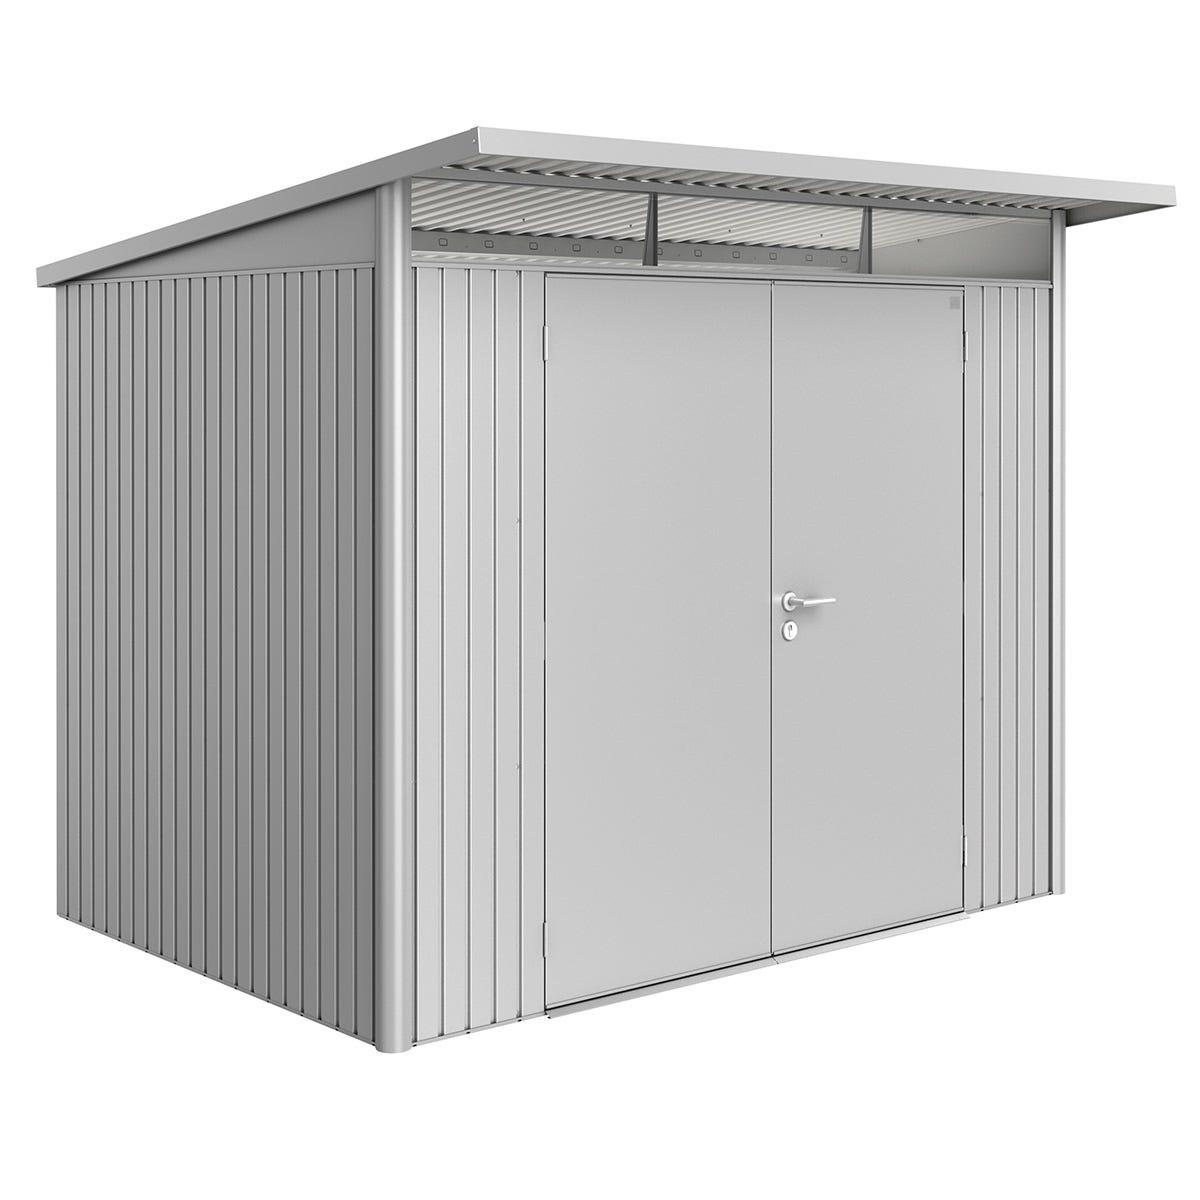 Biohort AvantGarde Metal Shed A5 Double door 8' 5'' x 7' 2'' - Metallic Silver